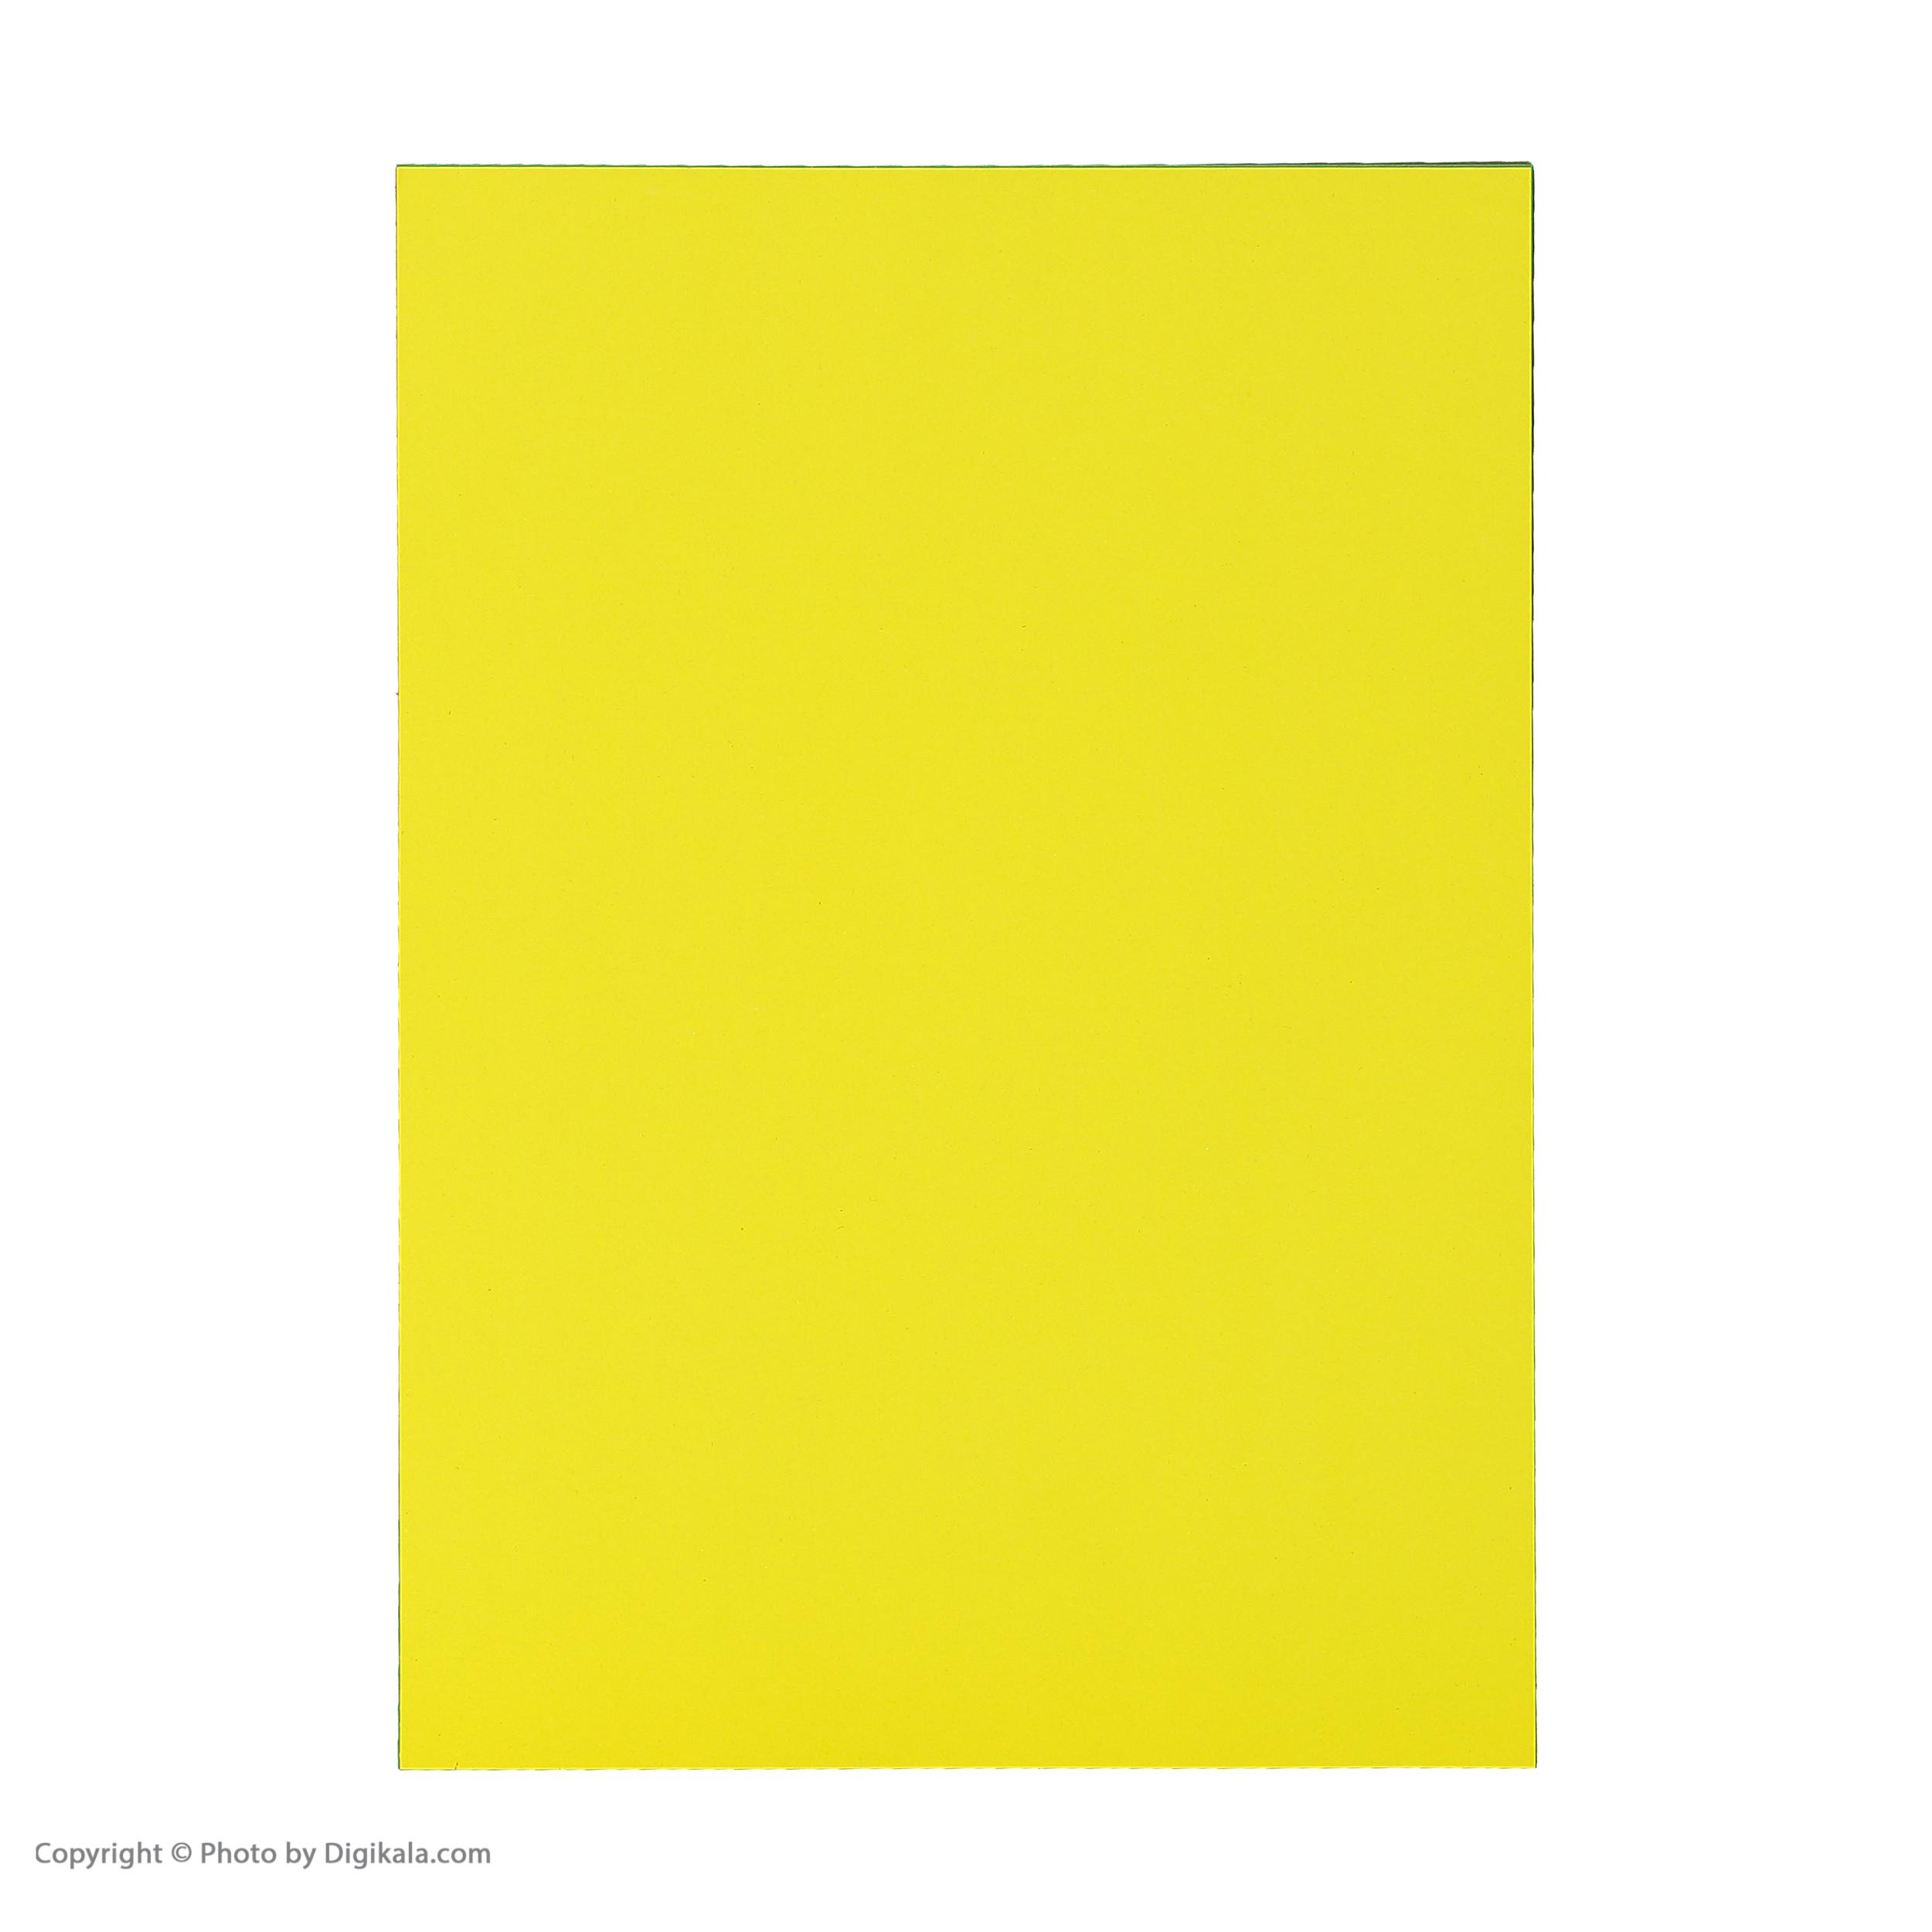 مقوا رنگی کد 04 سایز 24x34 (بزرگتر از A4) بسته 20 عددی